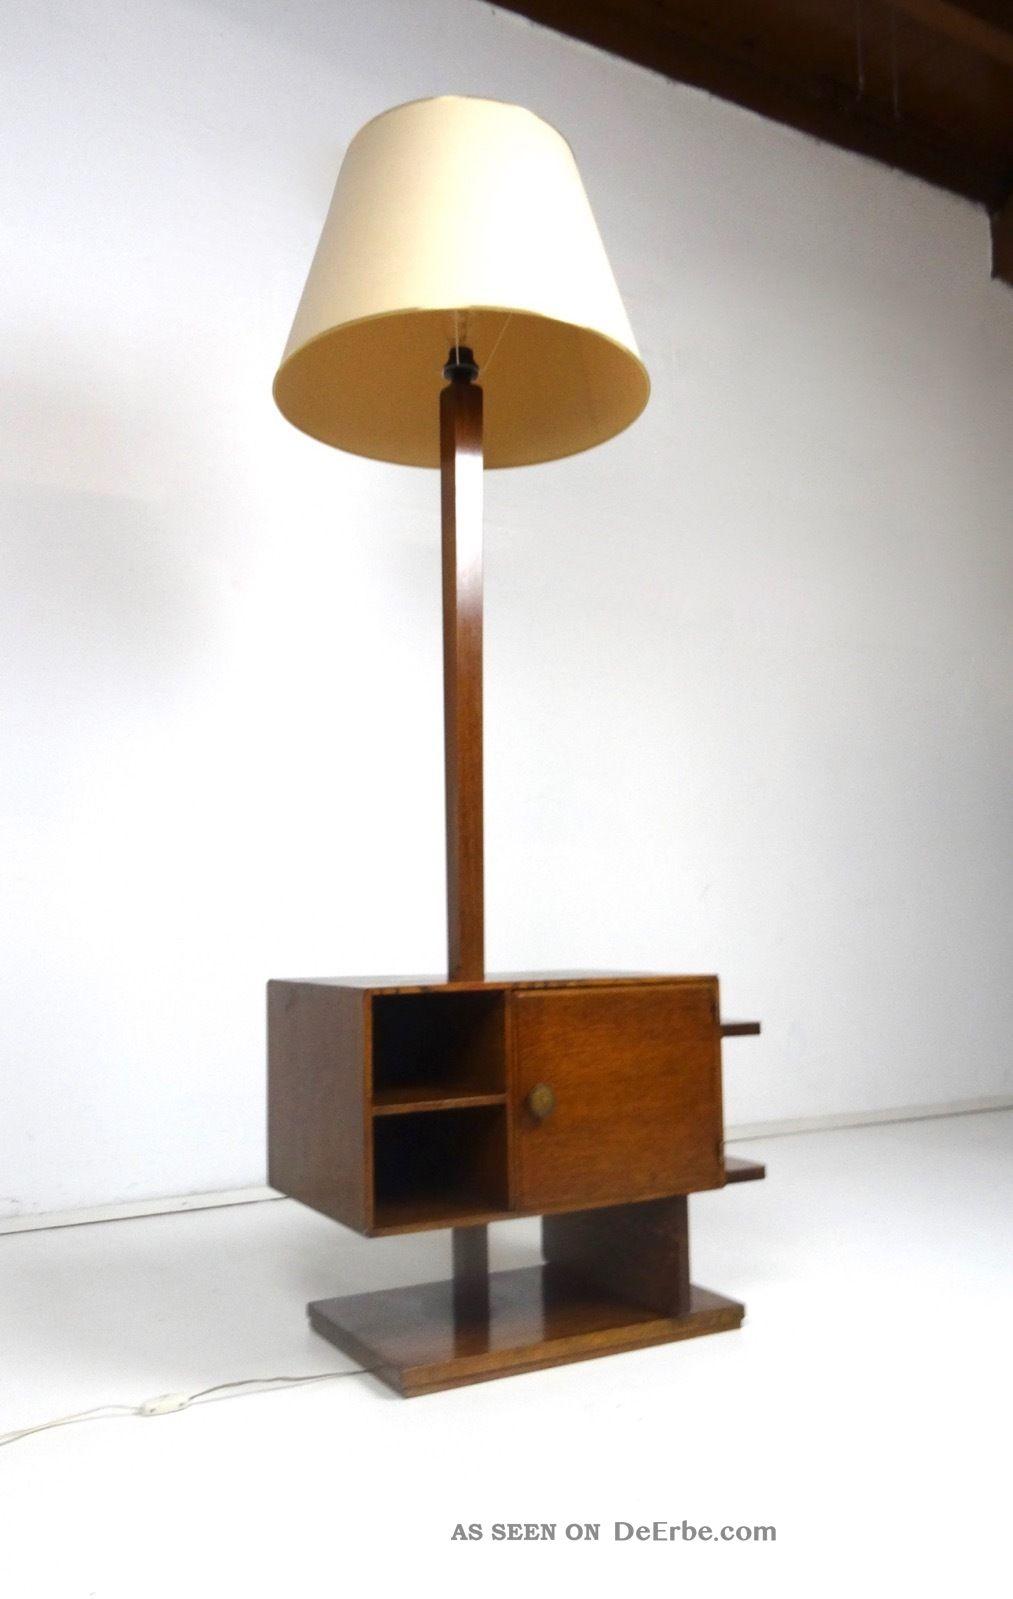 30er Art Deco Leselampe Beistelltisch Kommode Antik MÖbel Bauhaus 1920-1949, Art Déco Bild